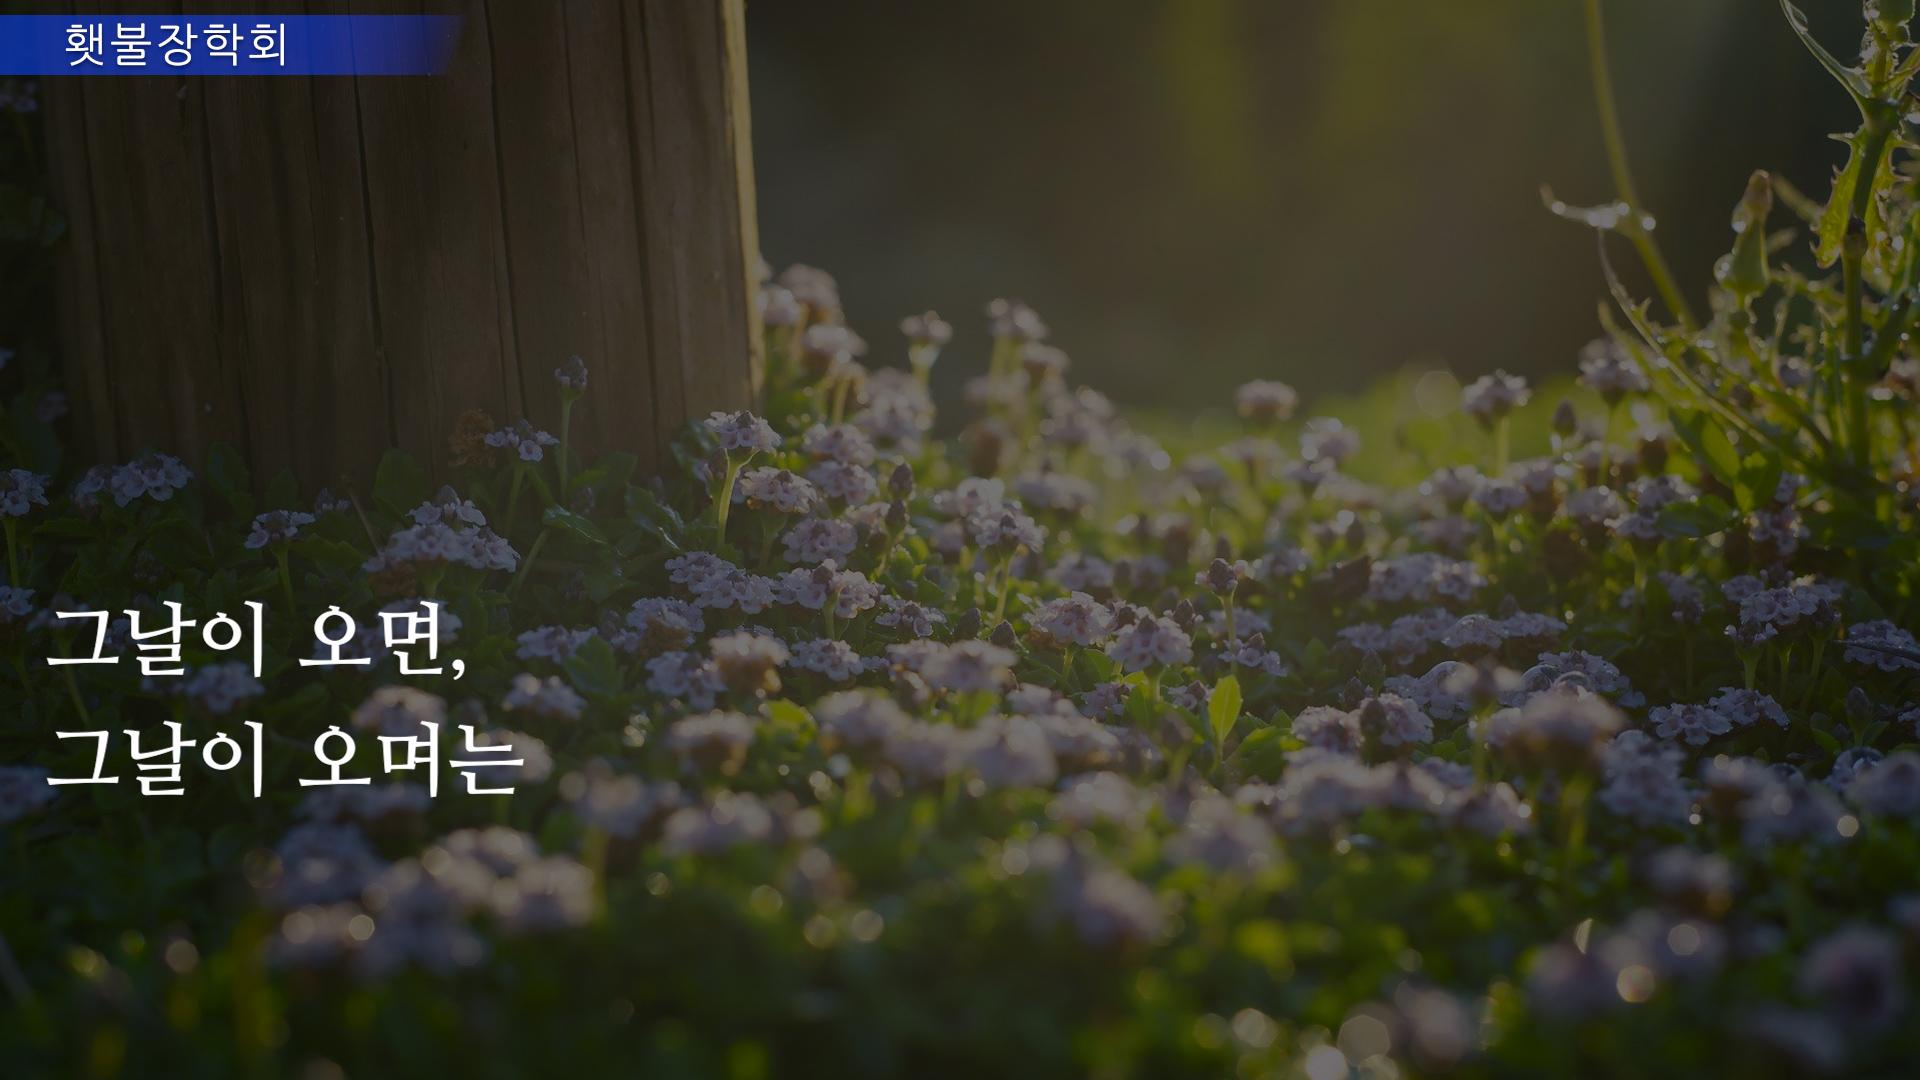 210831_횃불9월_title_new.jpg